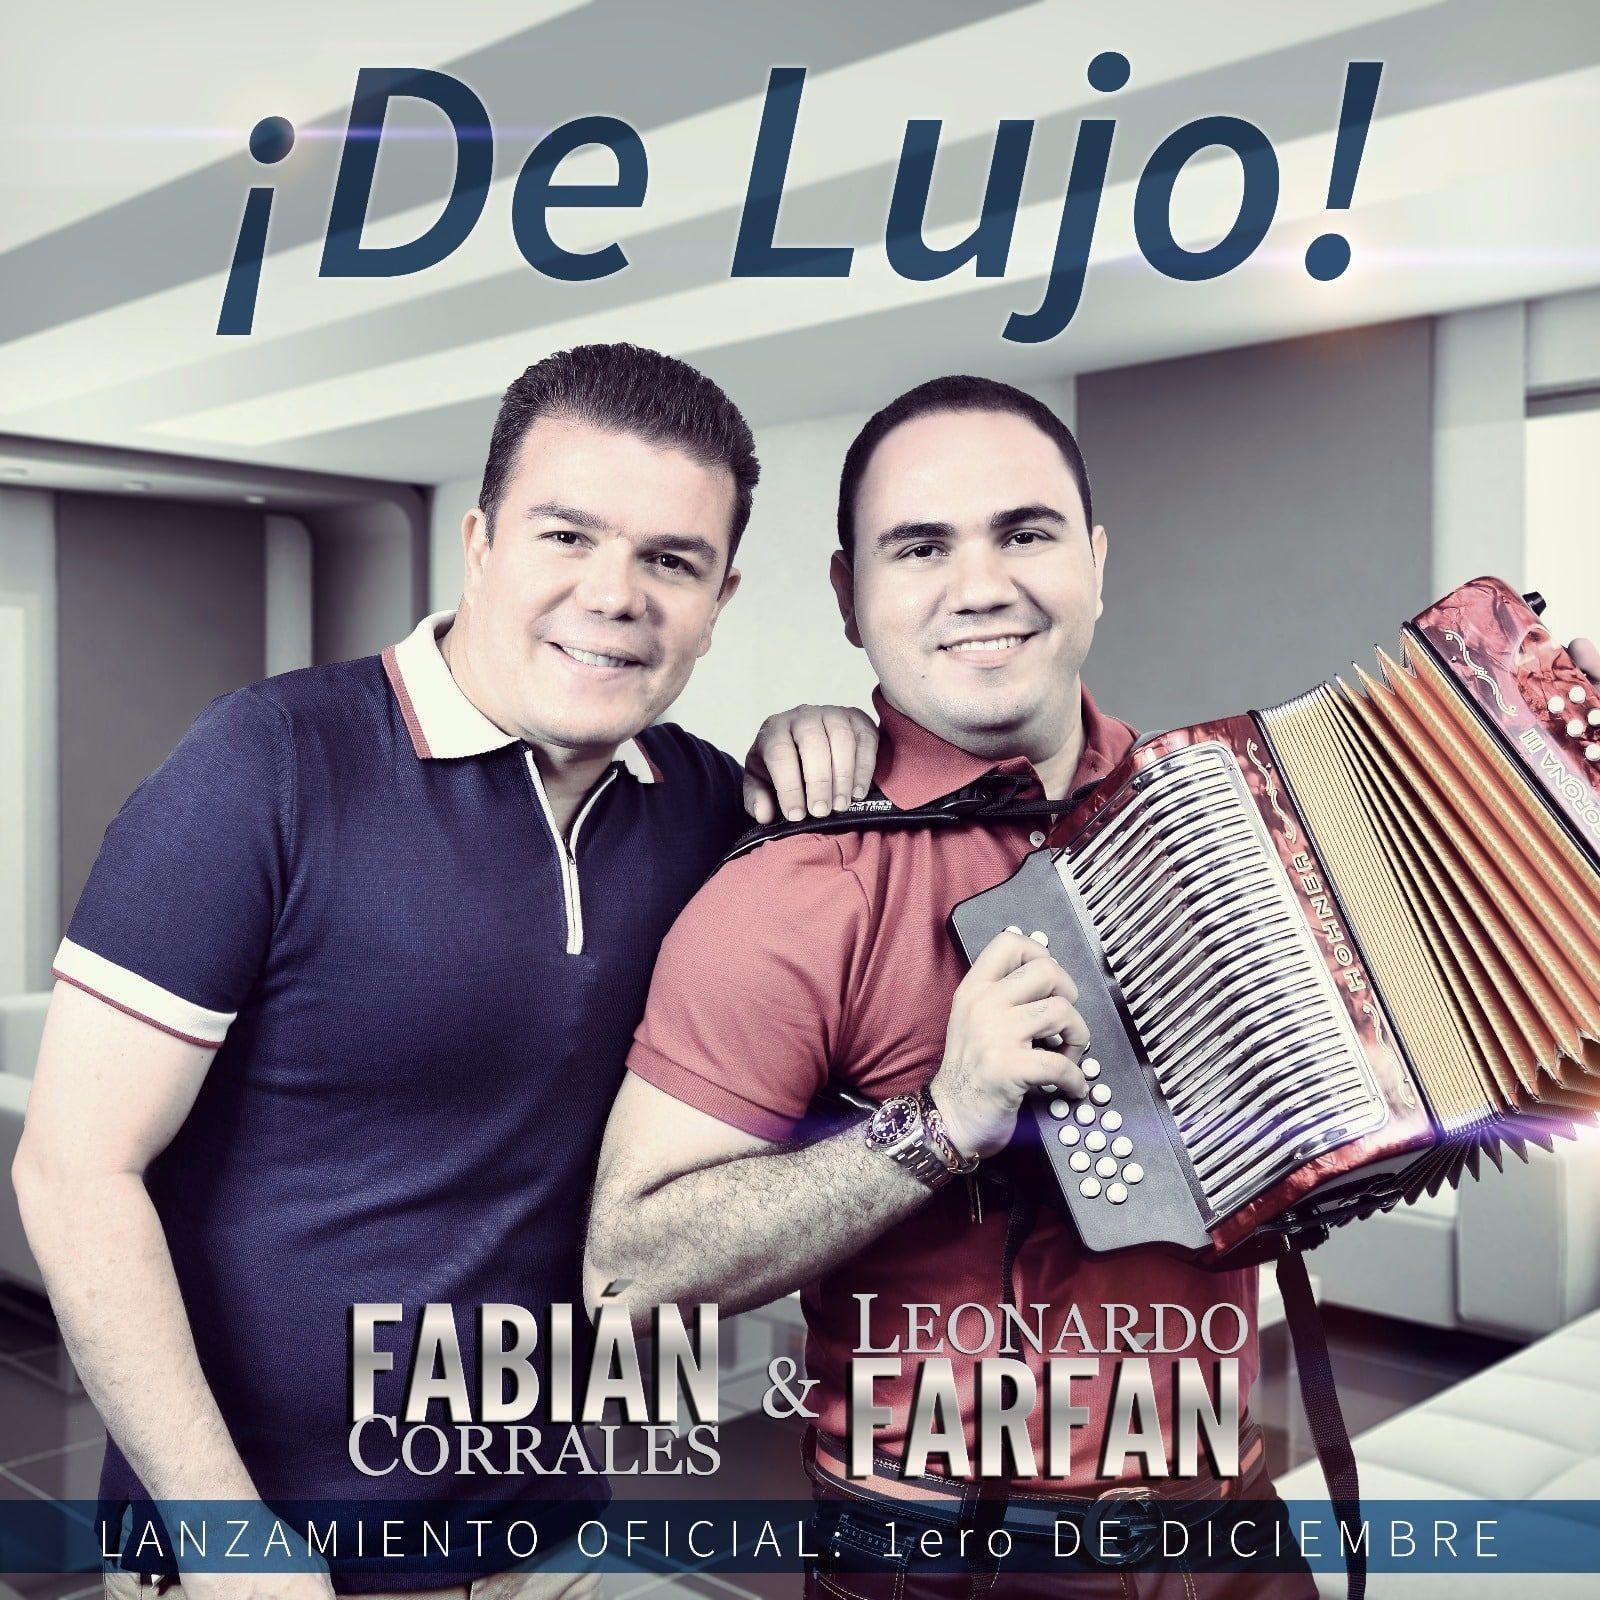 Lista de canciones del album de Lujo